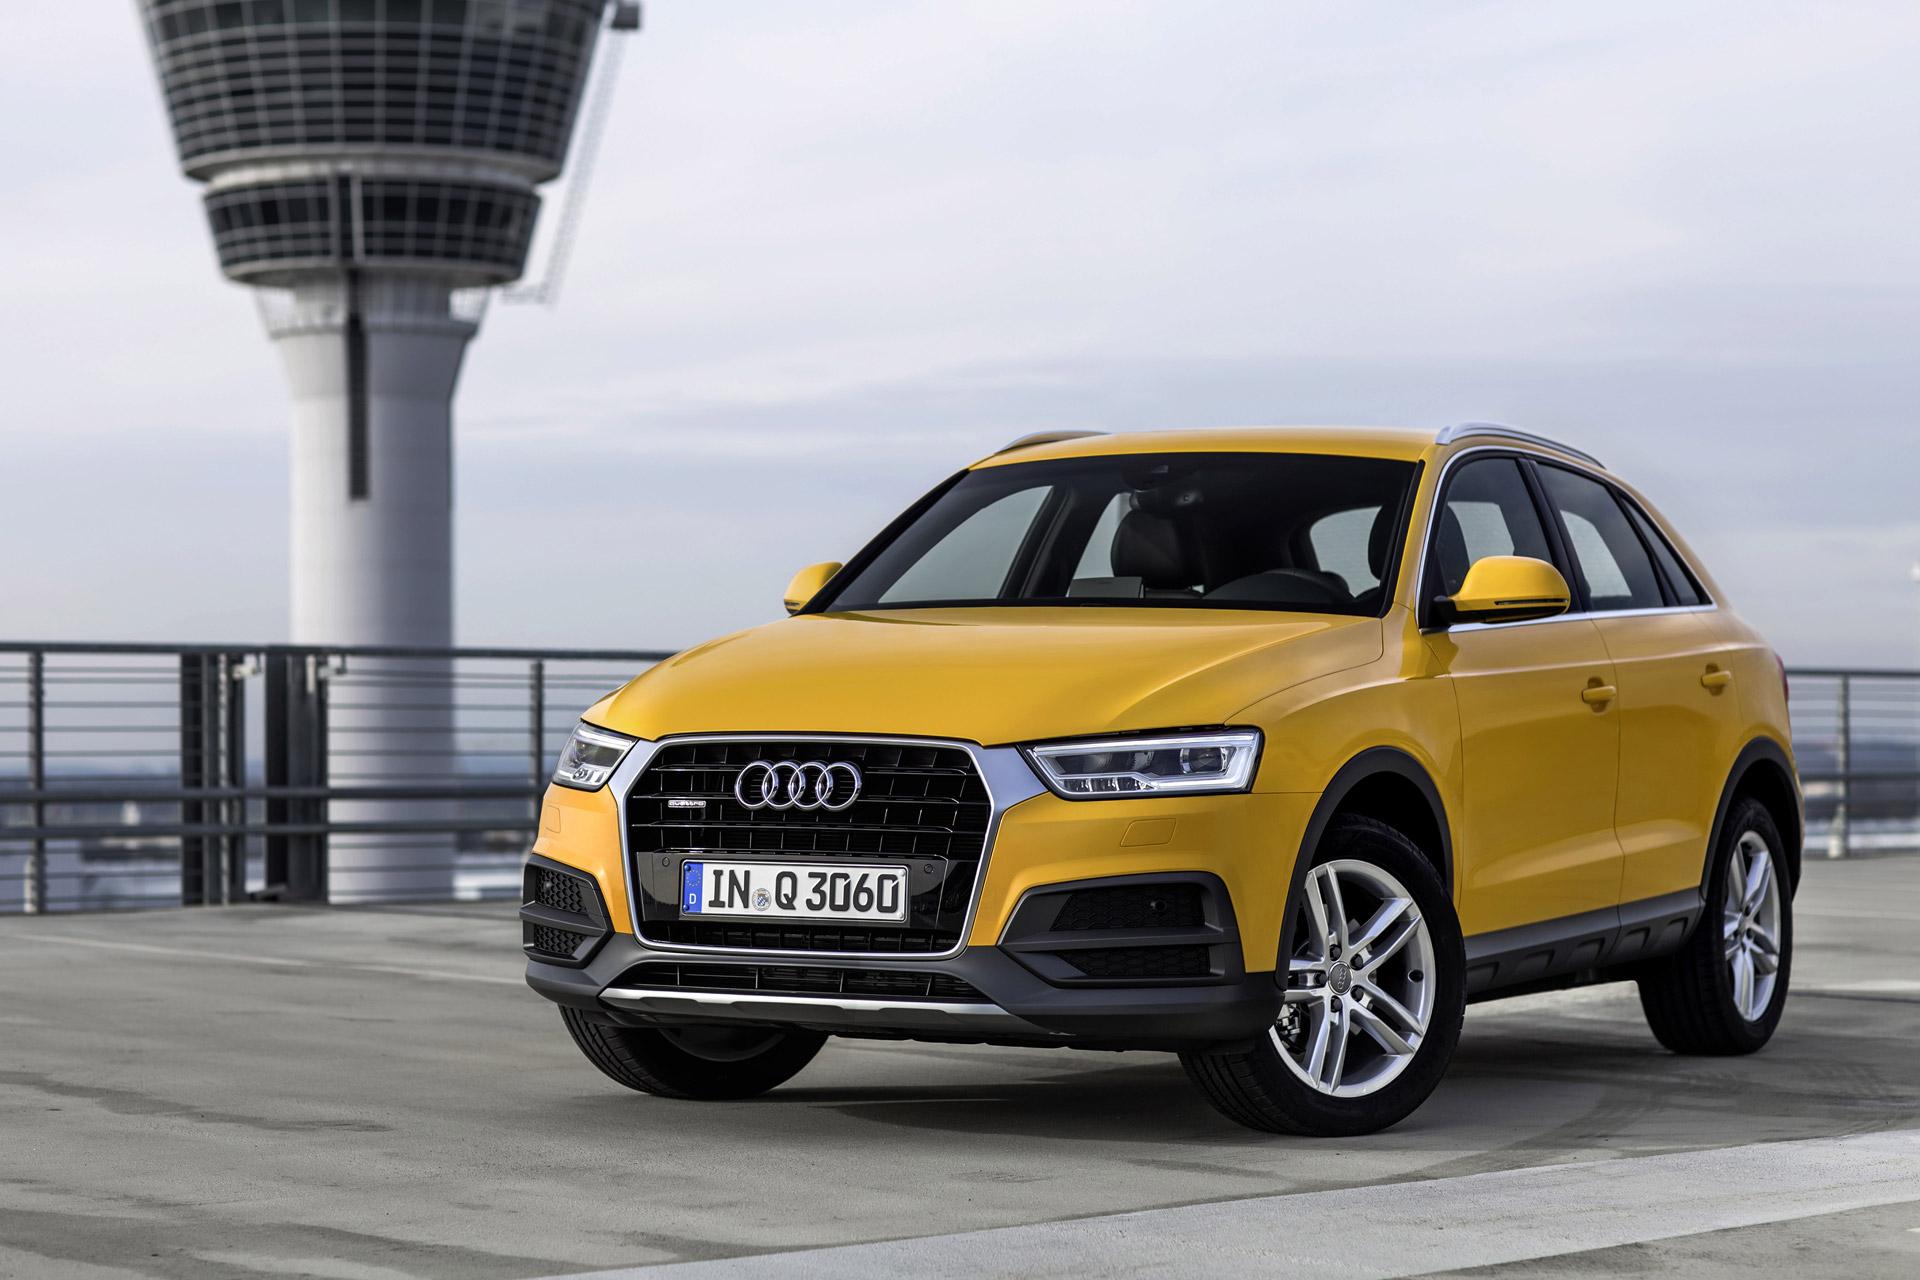 Kelebihan Kekurangan Audi Q3 2016 Perbandingan Harga